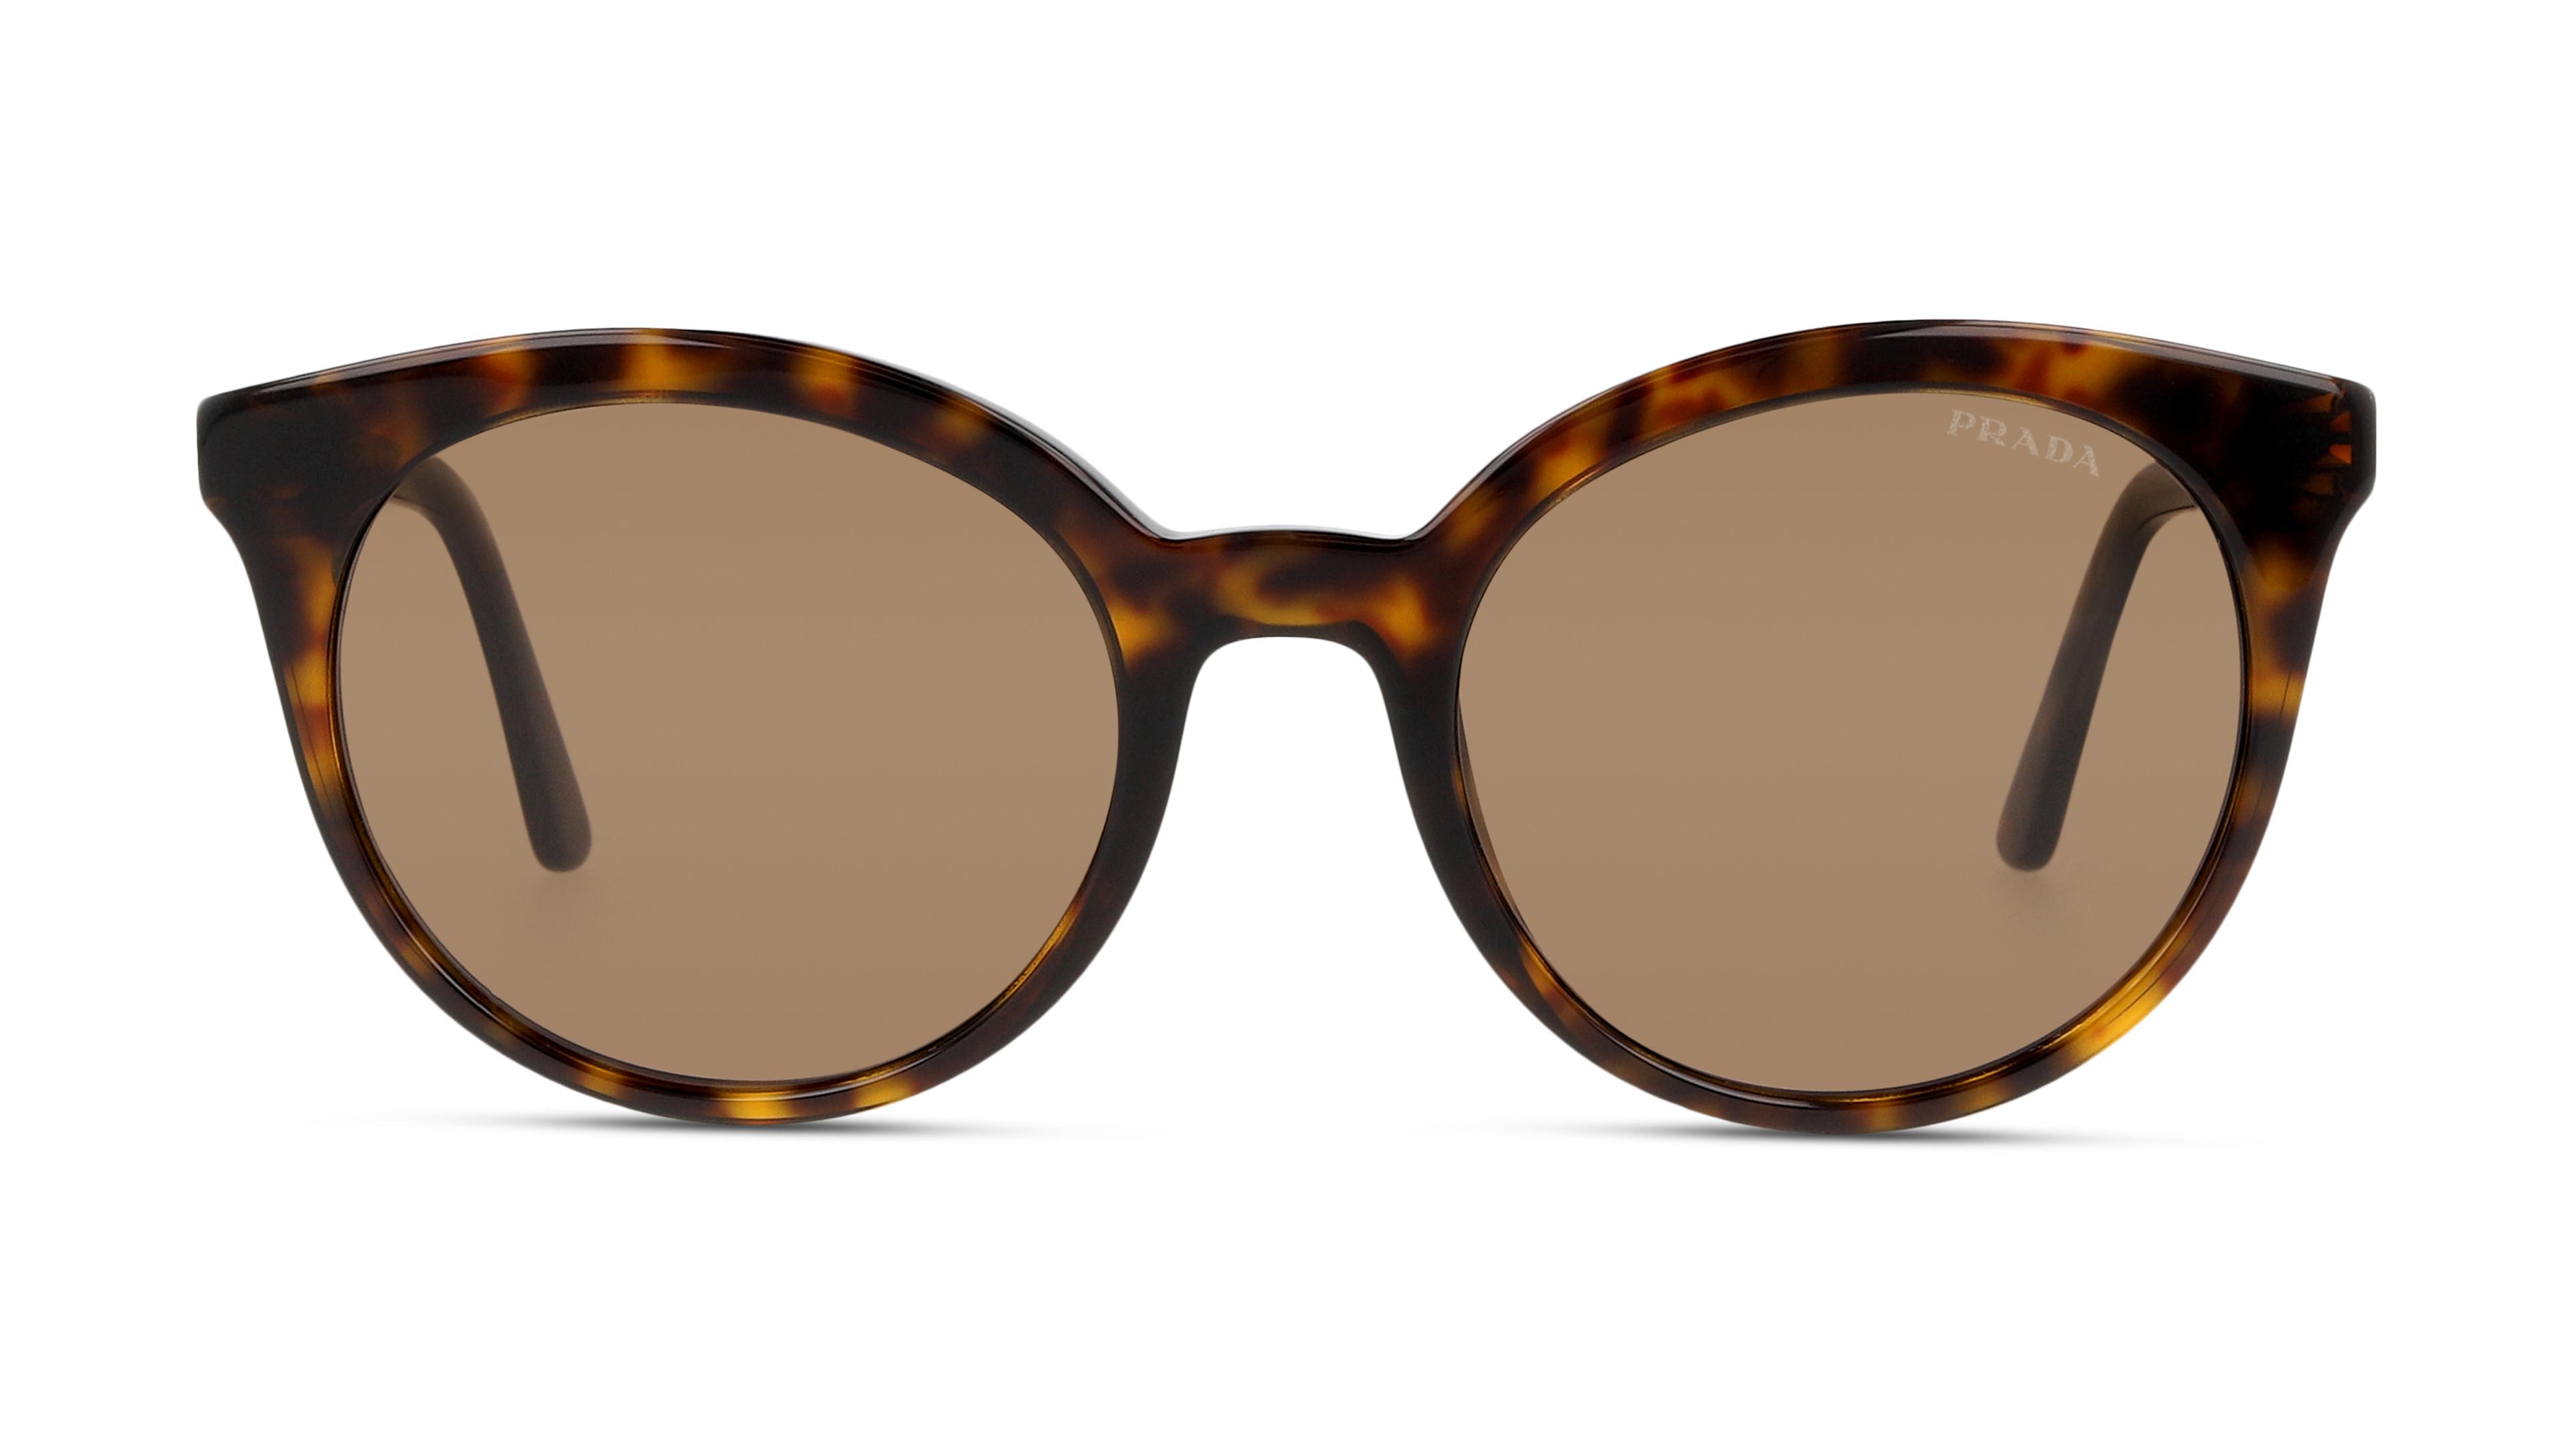 8056597130684-front-01-prada-0pr_02xs-eyewear-havana